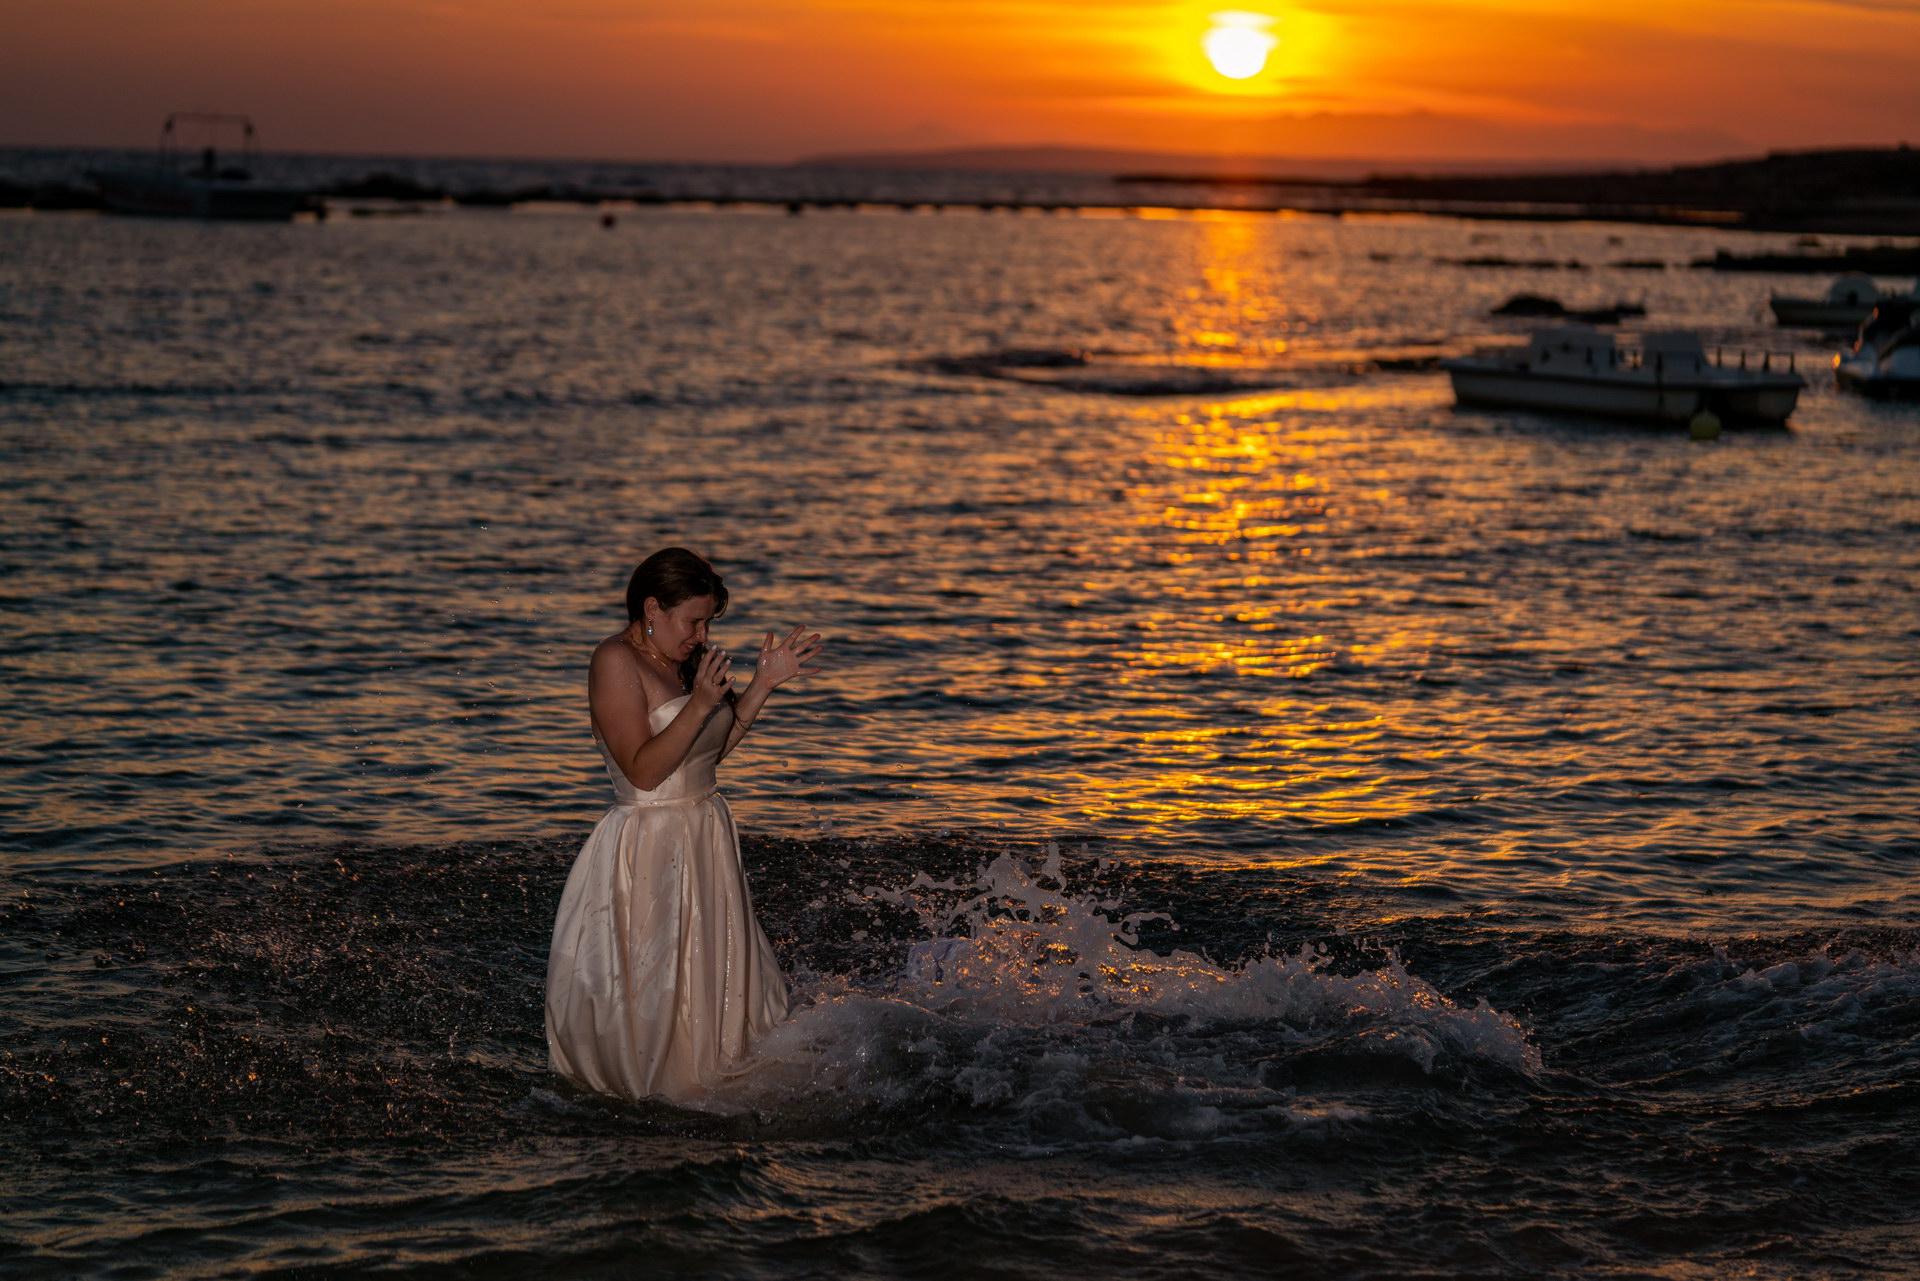 PIC03905_happyimagescyprus.com